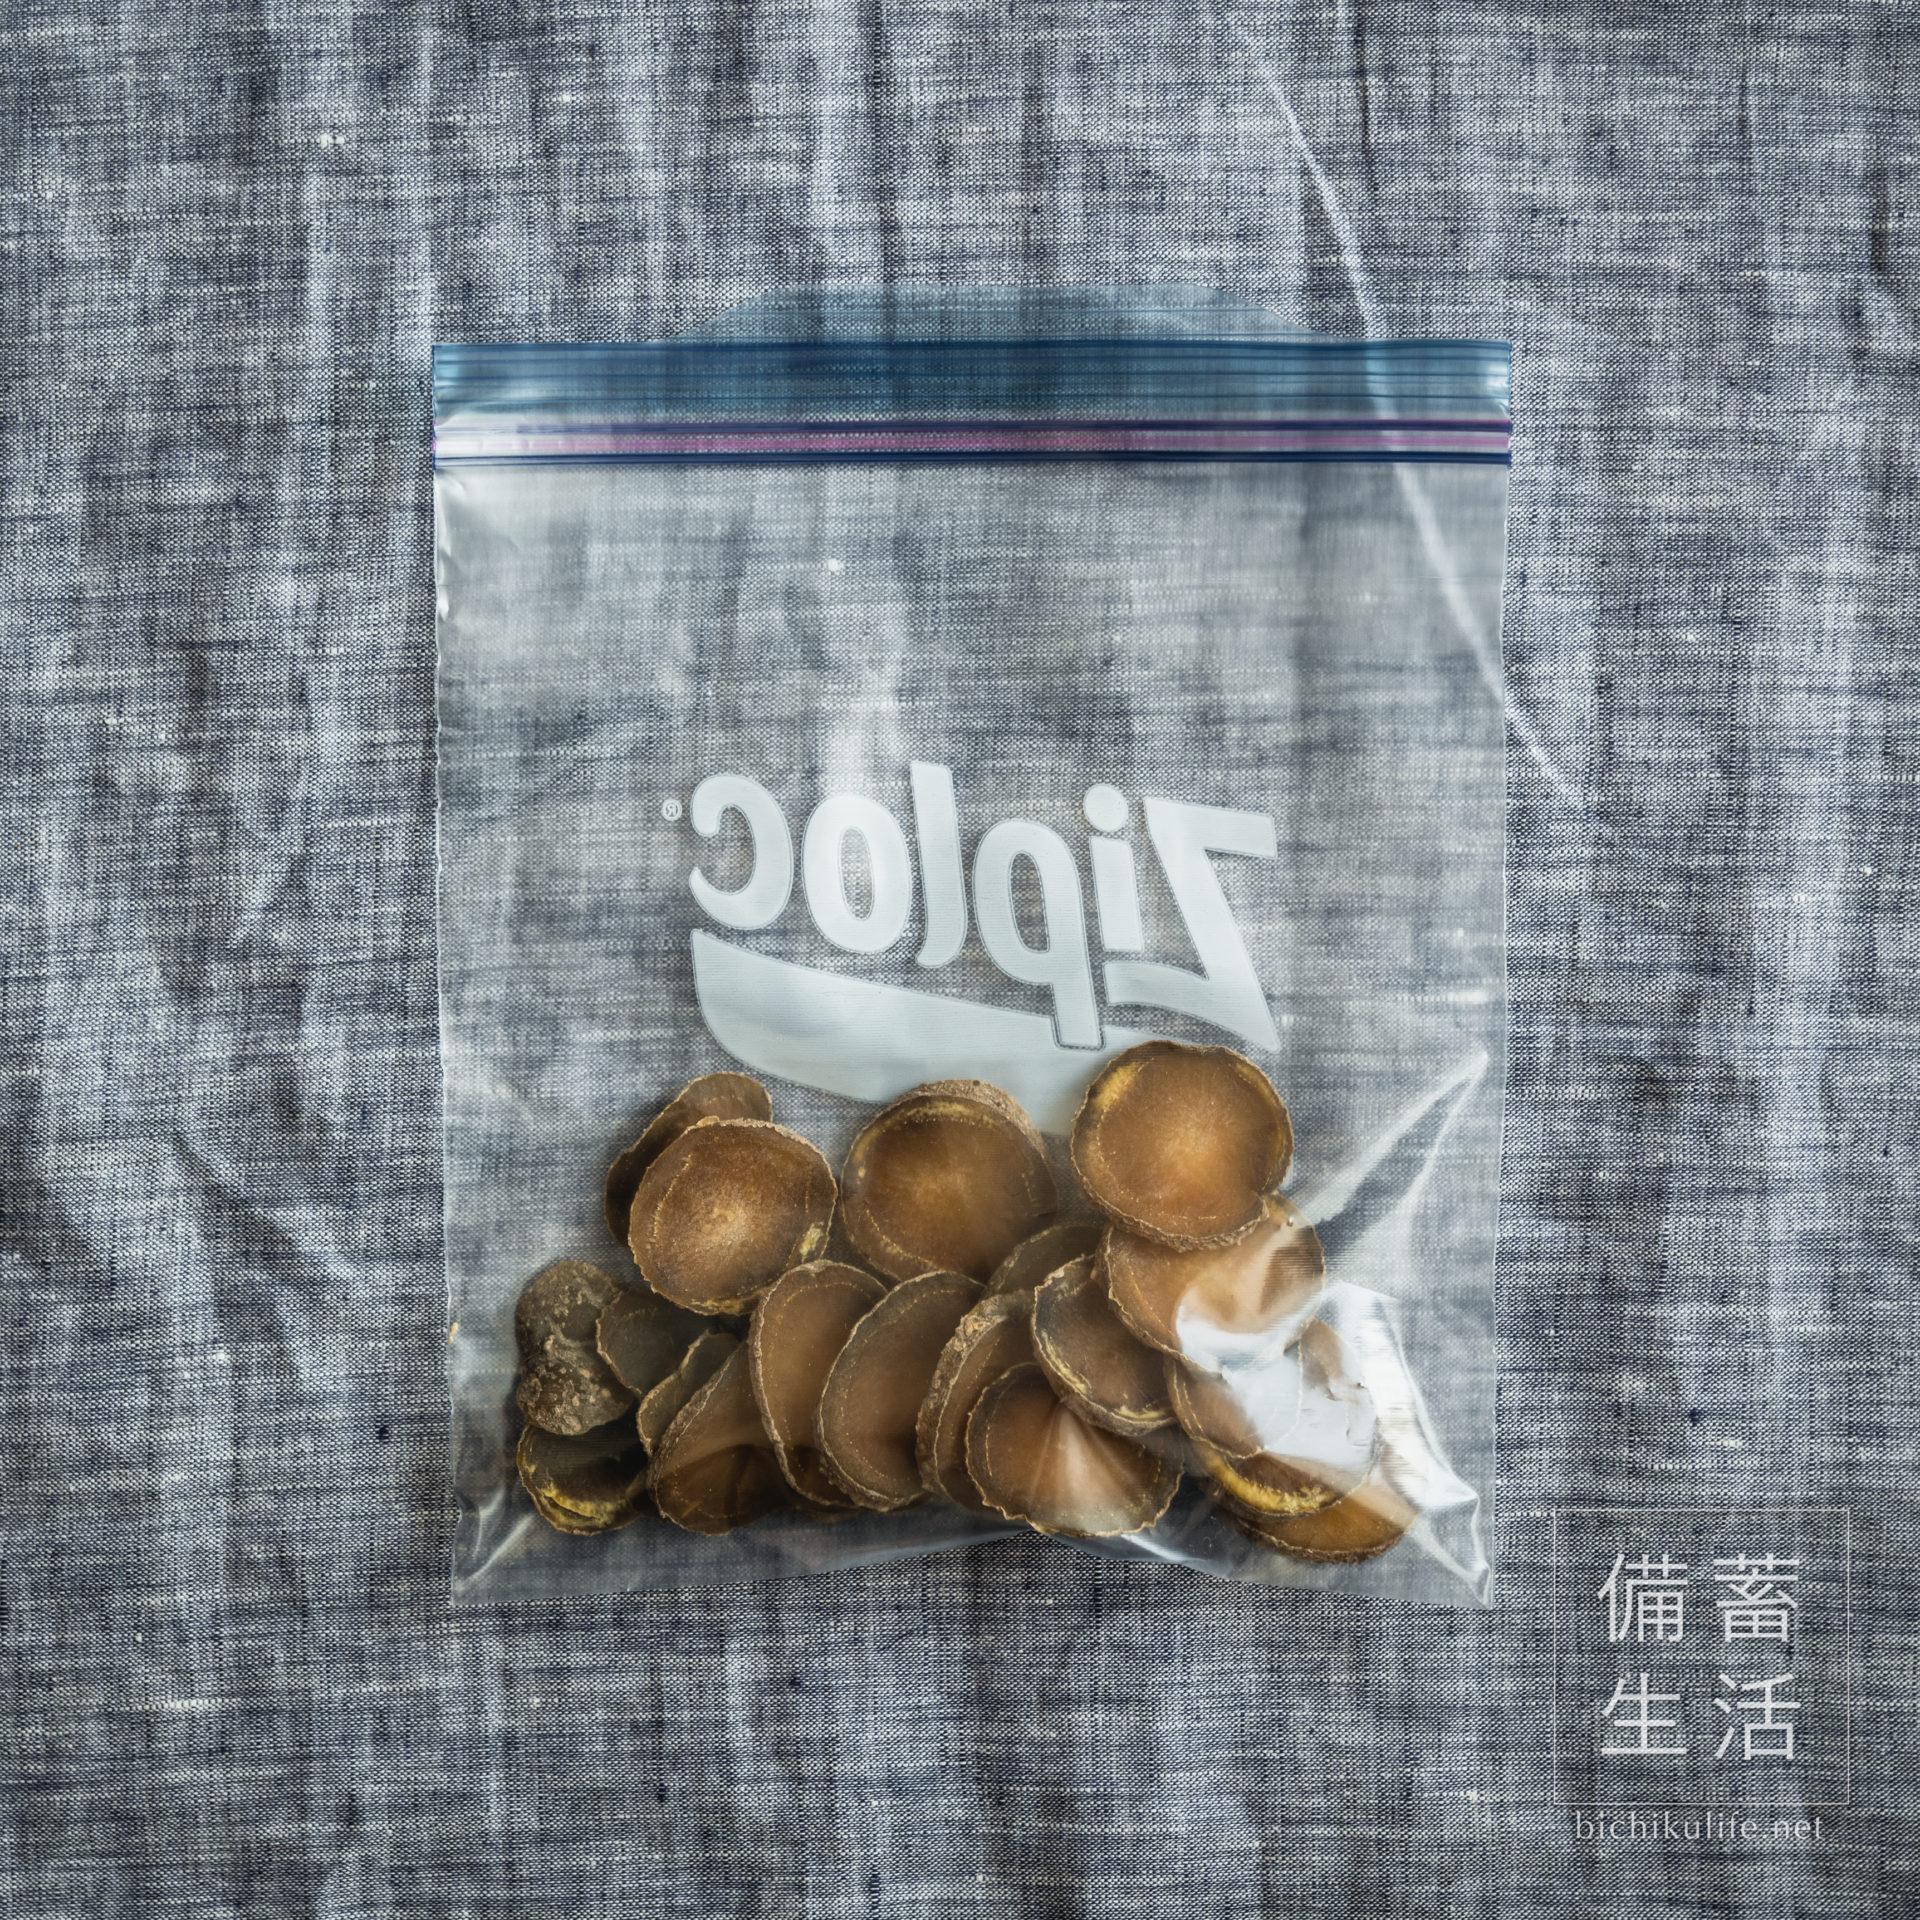 干しジャガイモをジップロック(保存袋)で保存